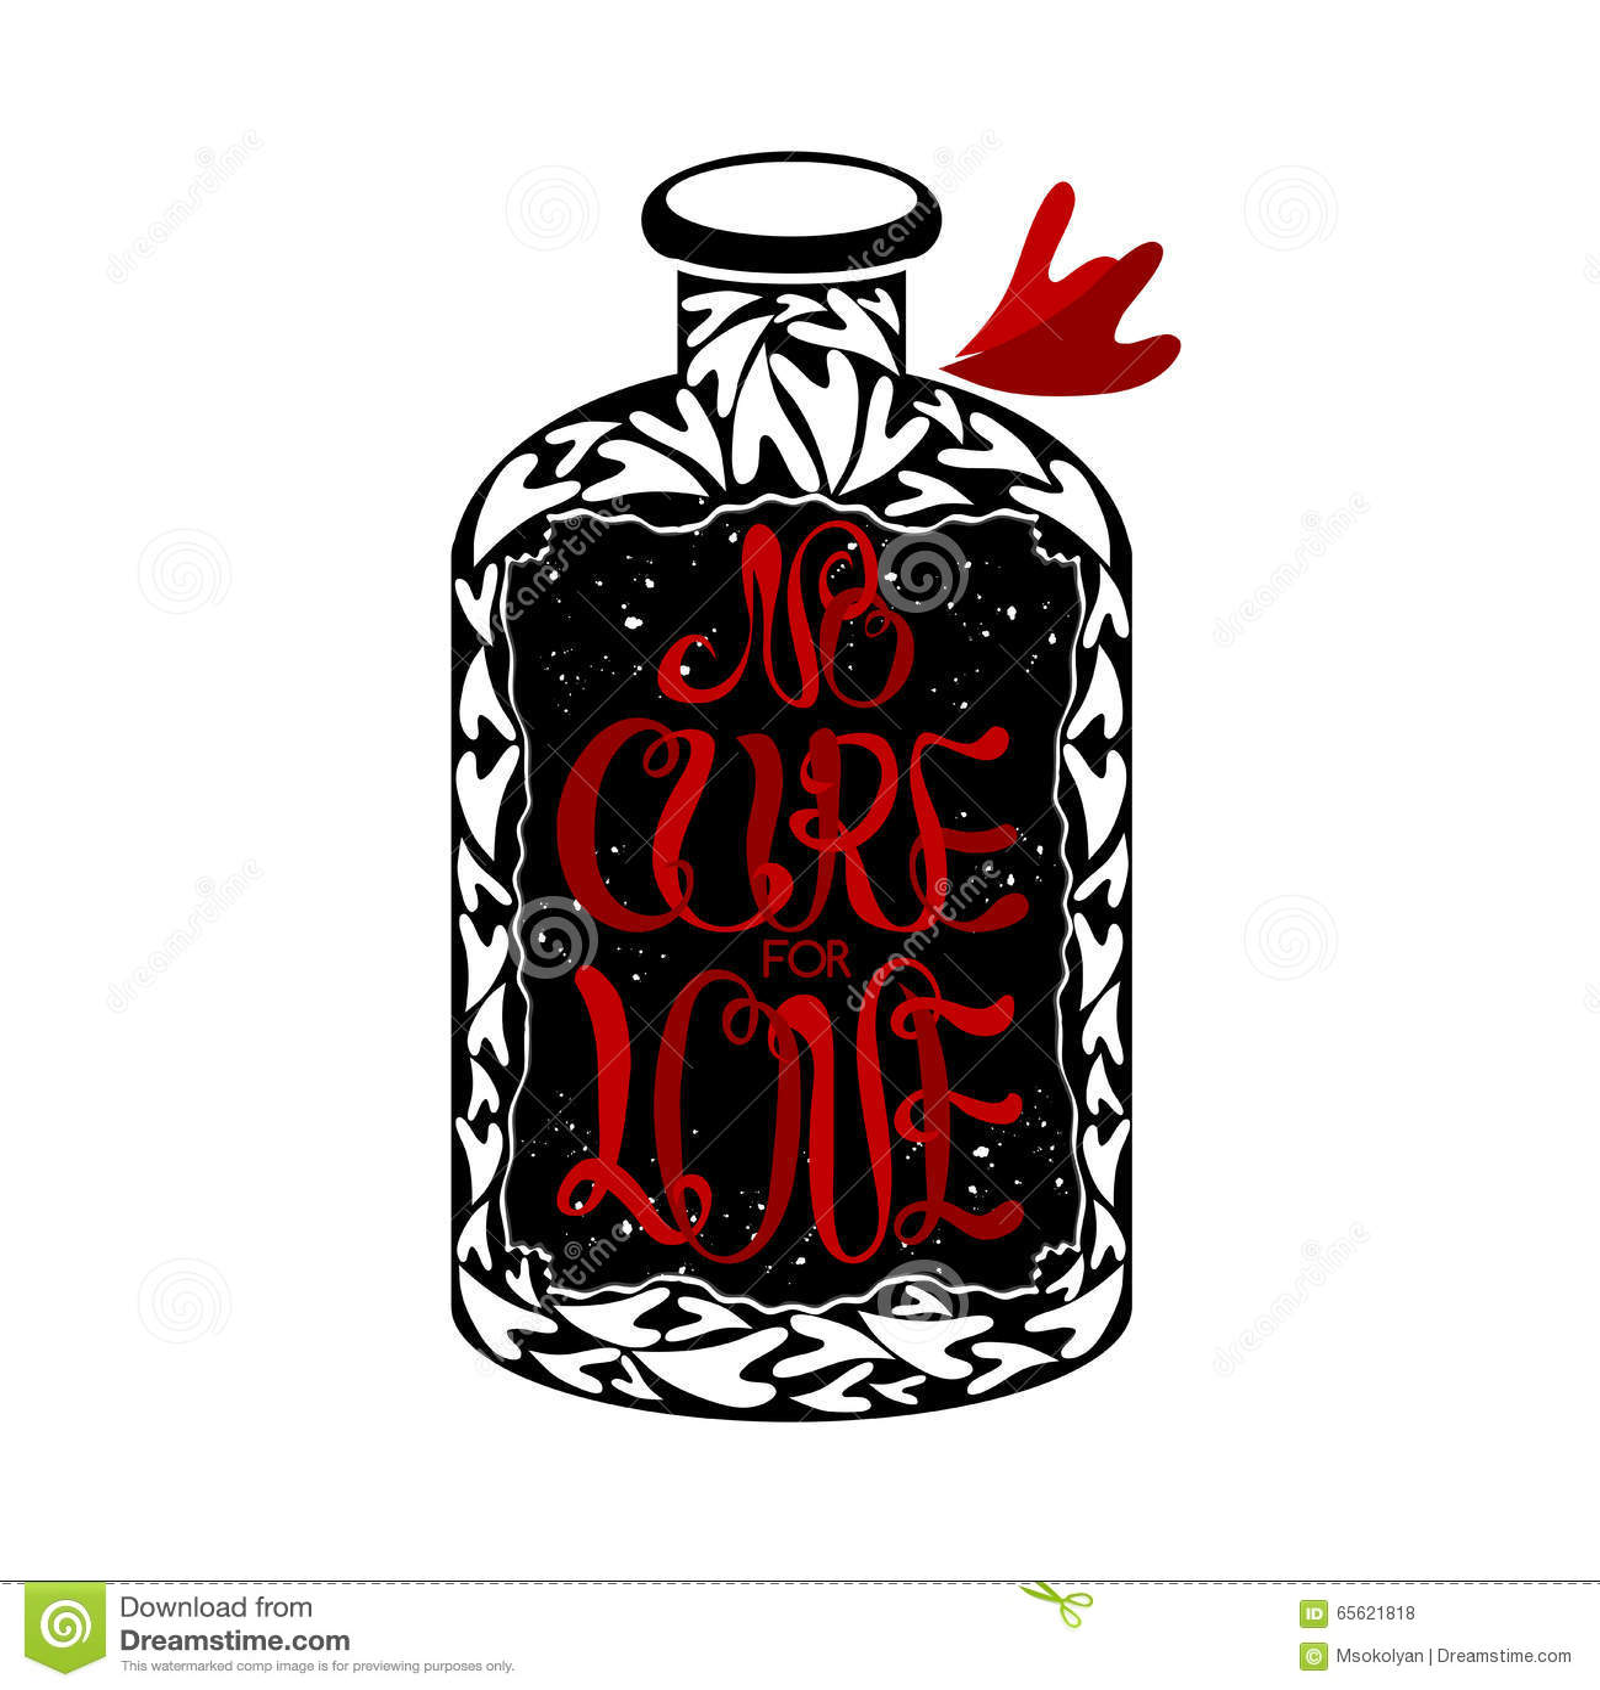 No Cure For Love Label On Vintage Medicine Bottle